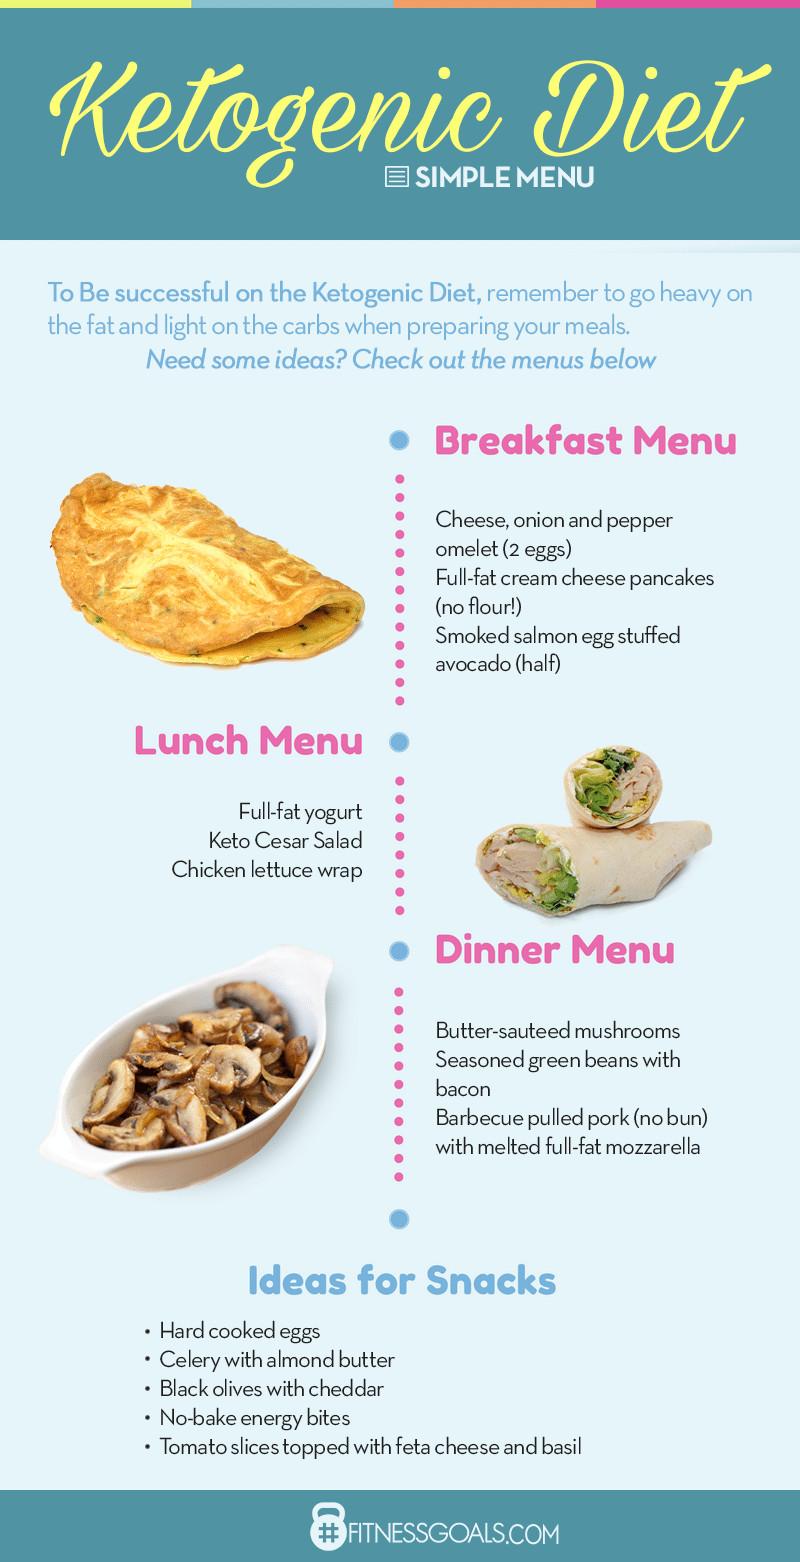 Keto Diet For Beginners Week 1 Meal Plan Printable  Keto Diet Plan The plete Beginner's Guide